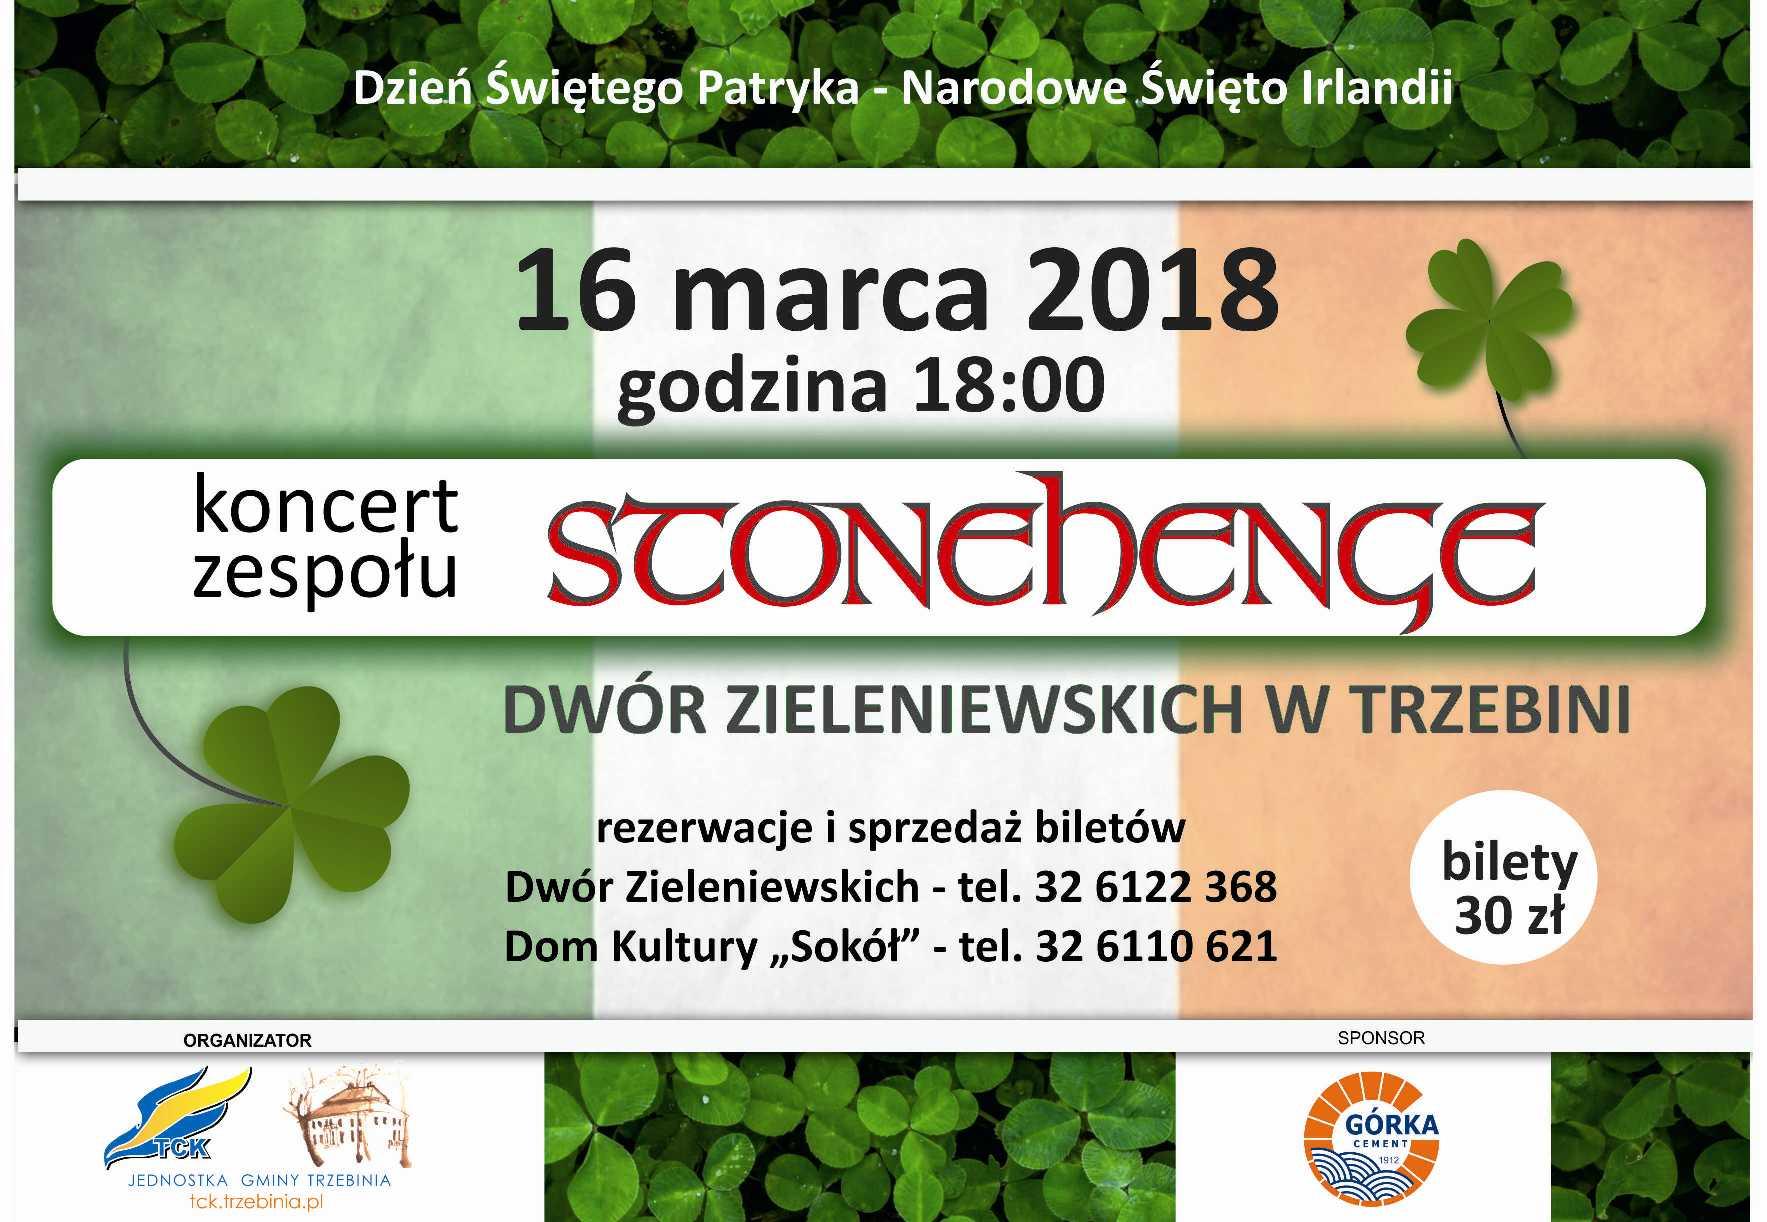 Dzień Św. Patryka - koncert zespołu Stonehenge